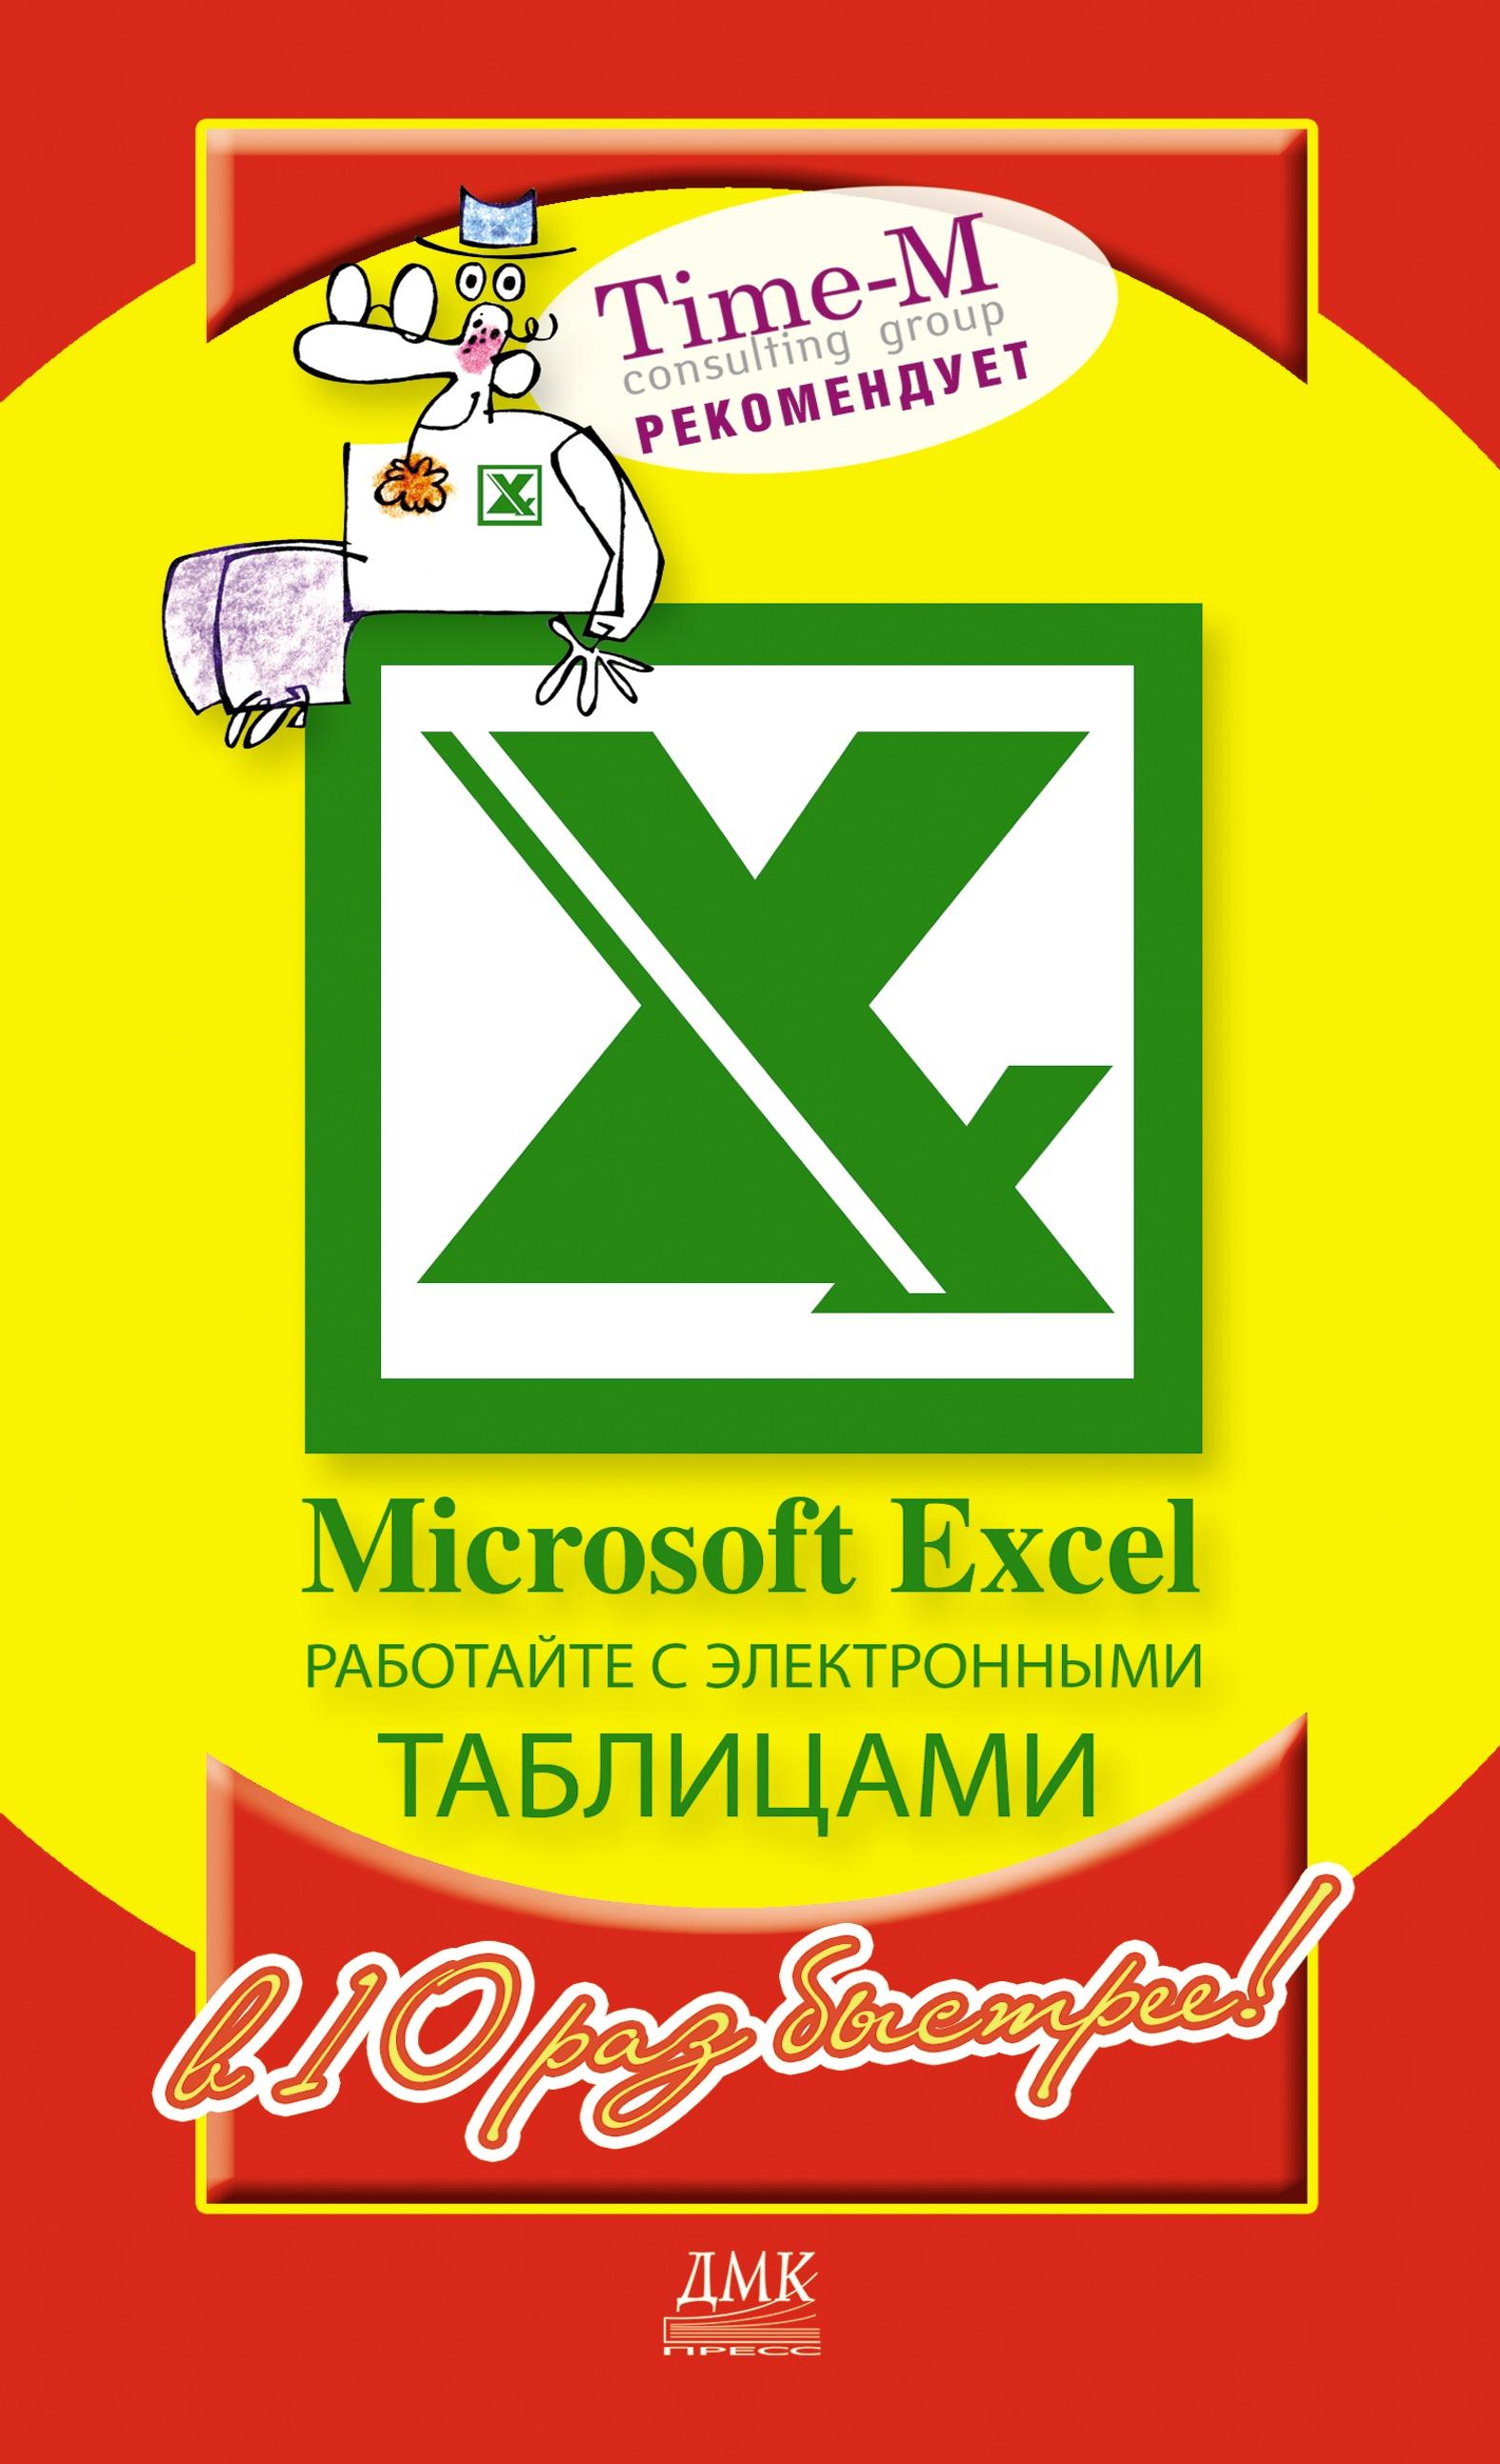 Александр Горбачев, Дмитрий Котлеев «Microsoft Excel. Работайте с электронными таблицами в 10 раз быстрее»